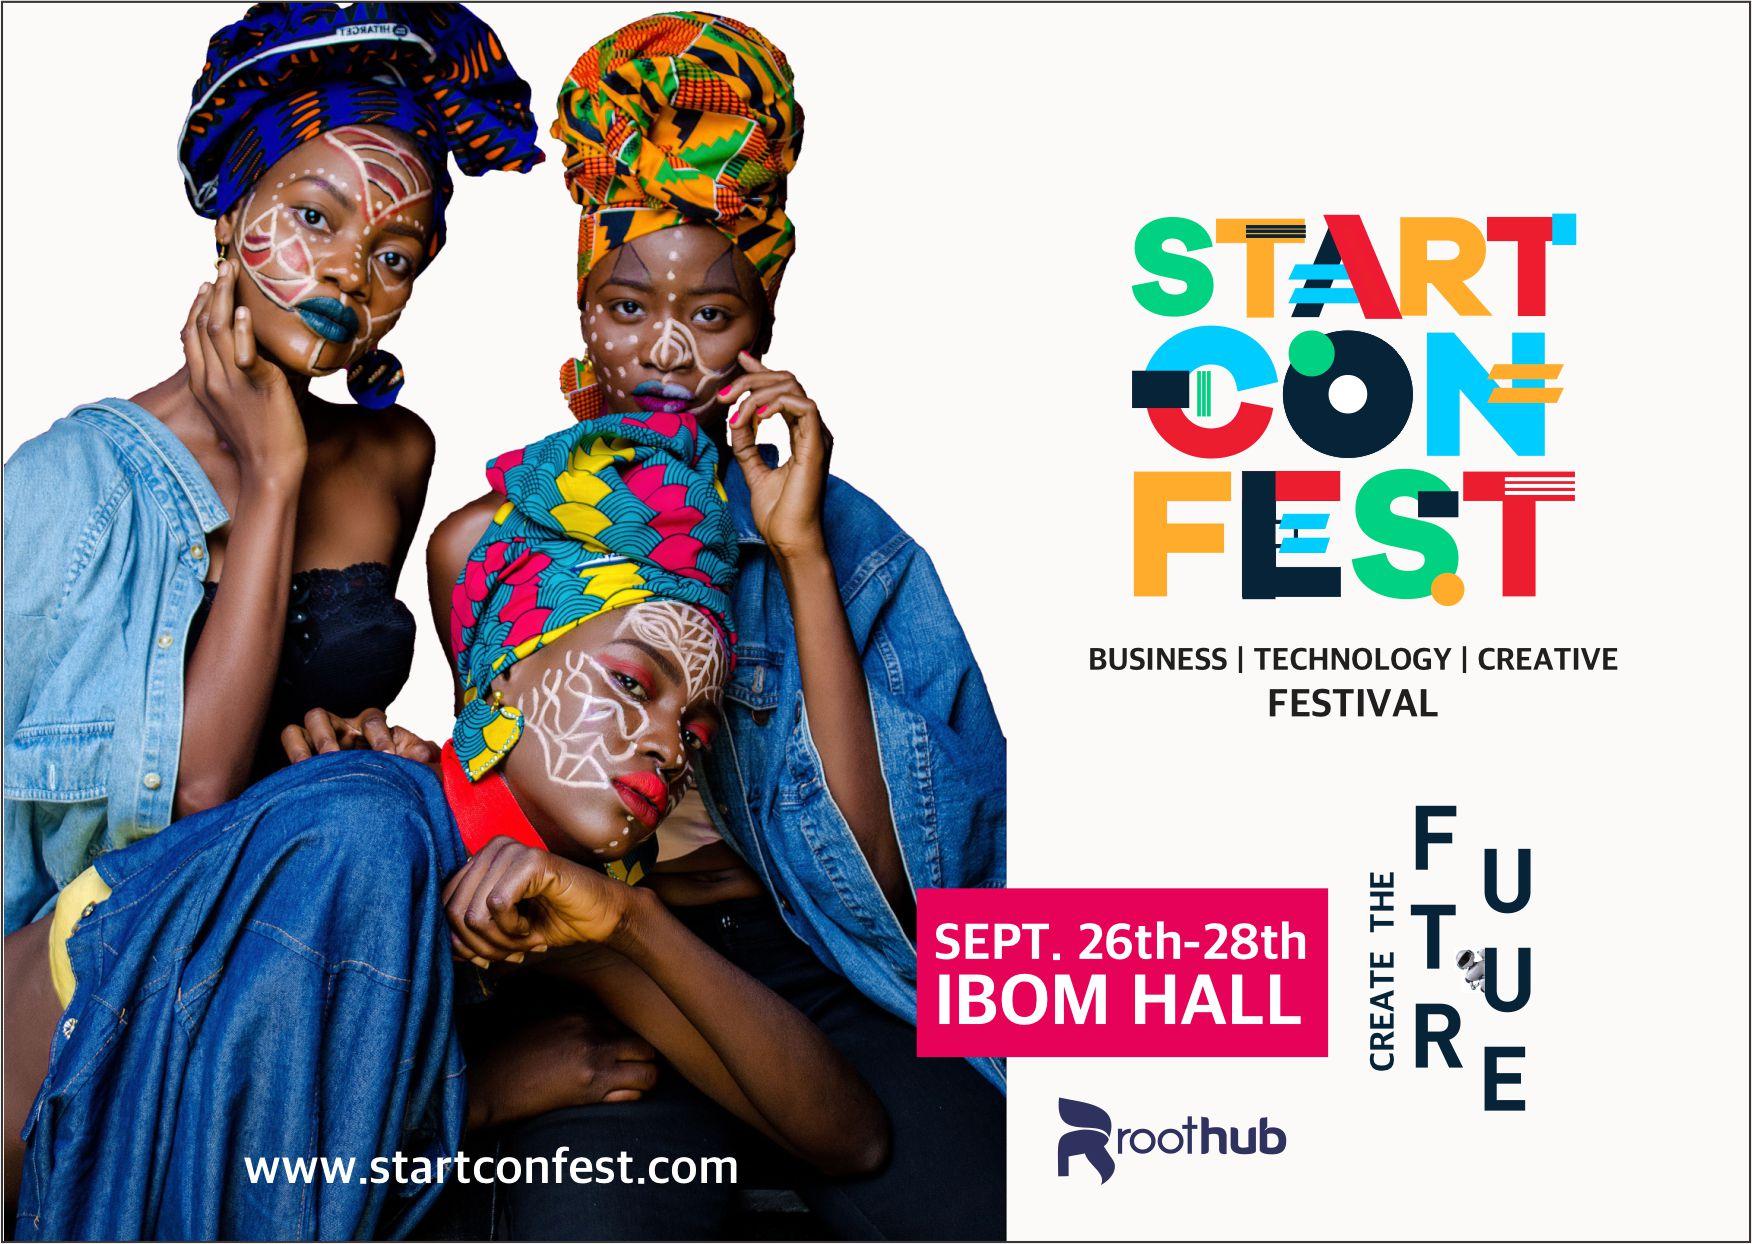 startconfest 2019 flier